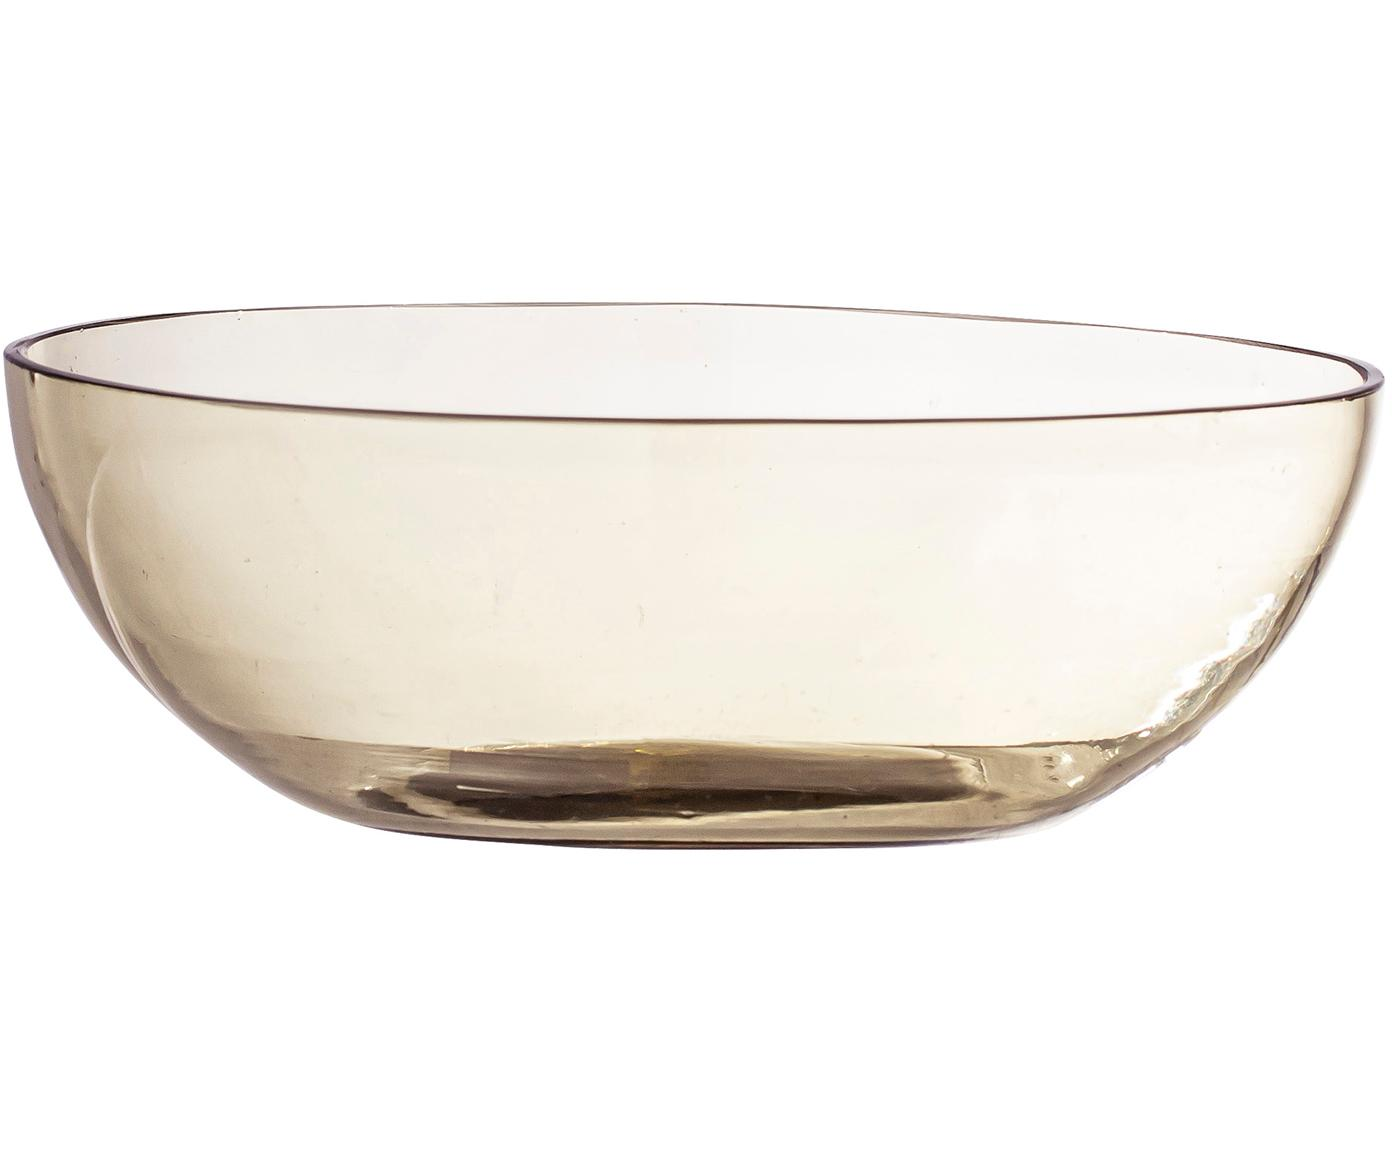 Schälchen Casie aus recyceltem Glas, Recyceltes Glas, Braun, transparent, Ø 5 x H 15 cm